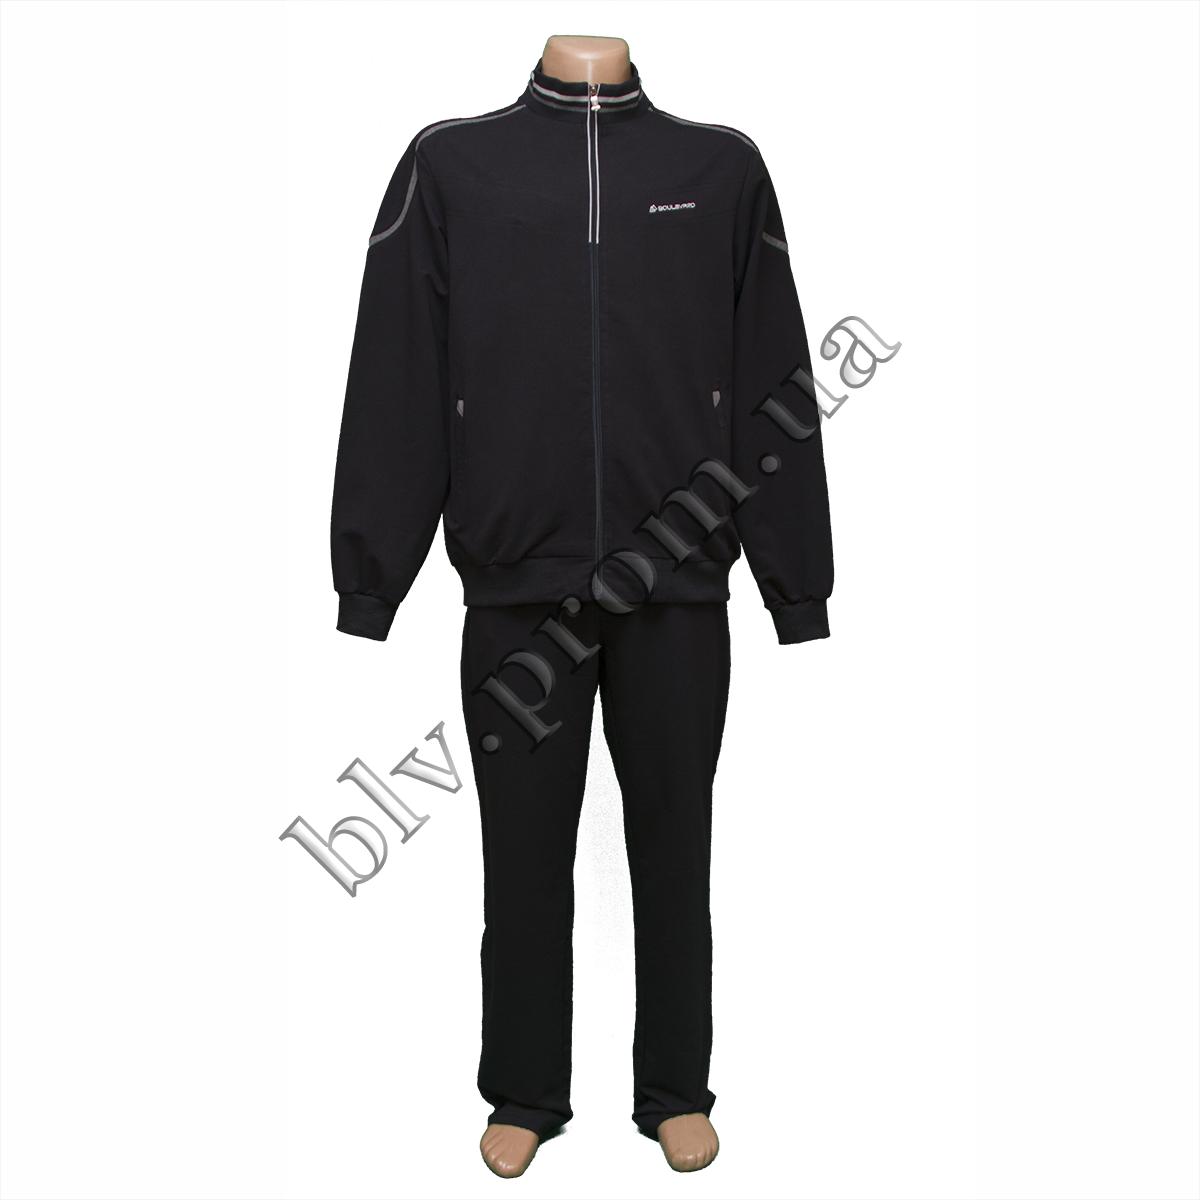 537f9d676a1e Спортивные костюмы мужские новые модели тм. Boulevard FZ1601N -  Оптово-розничный интернет-магазин